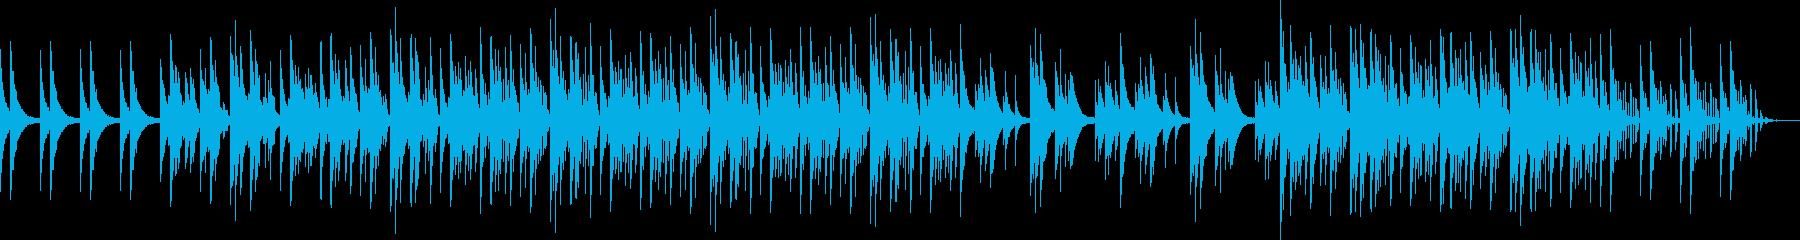 スローノービートロングバージョンの再生済みの波形